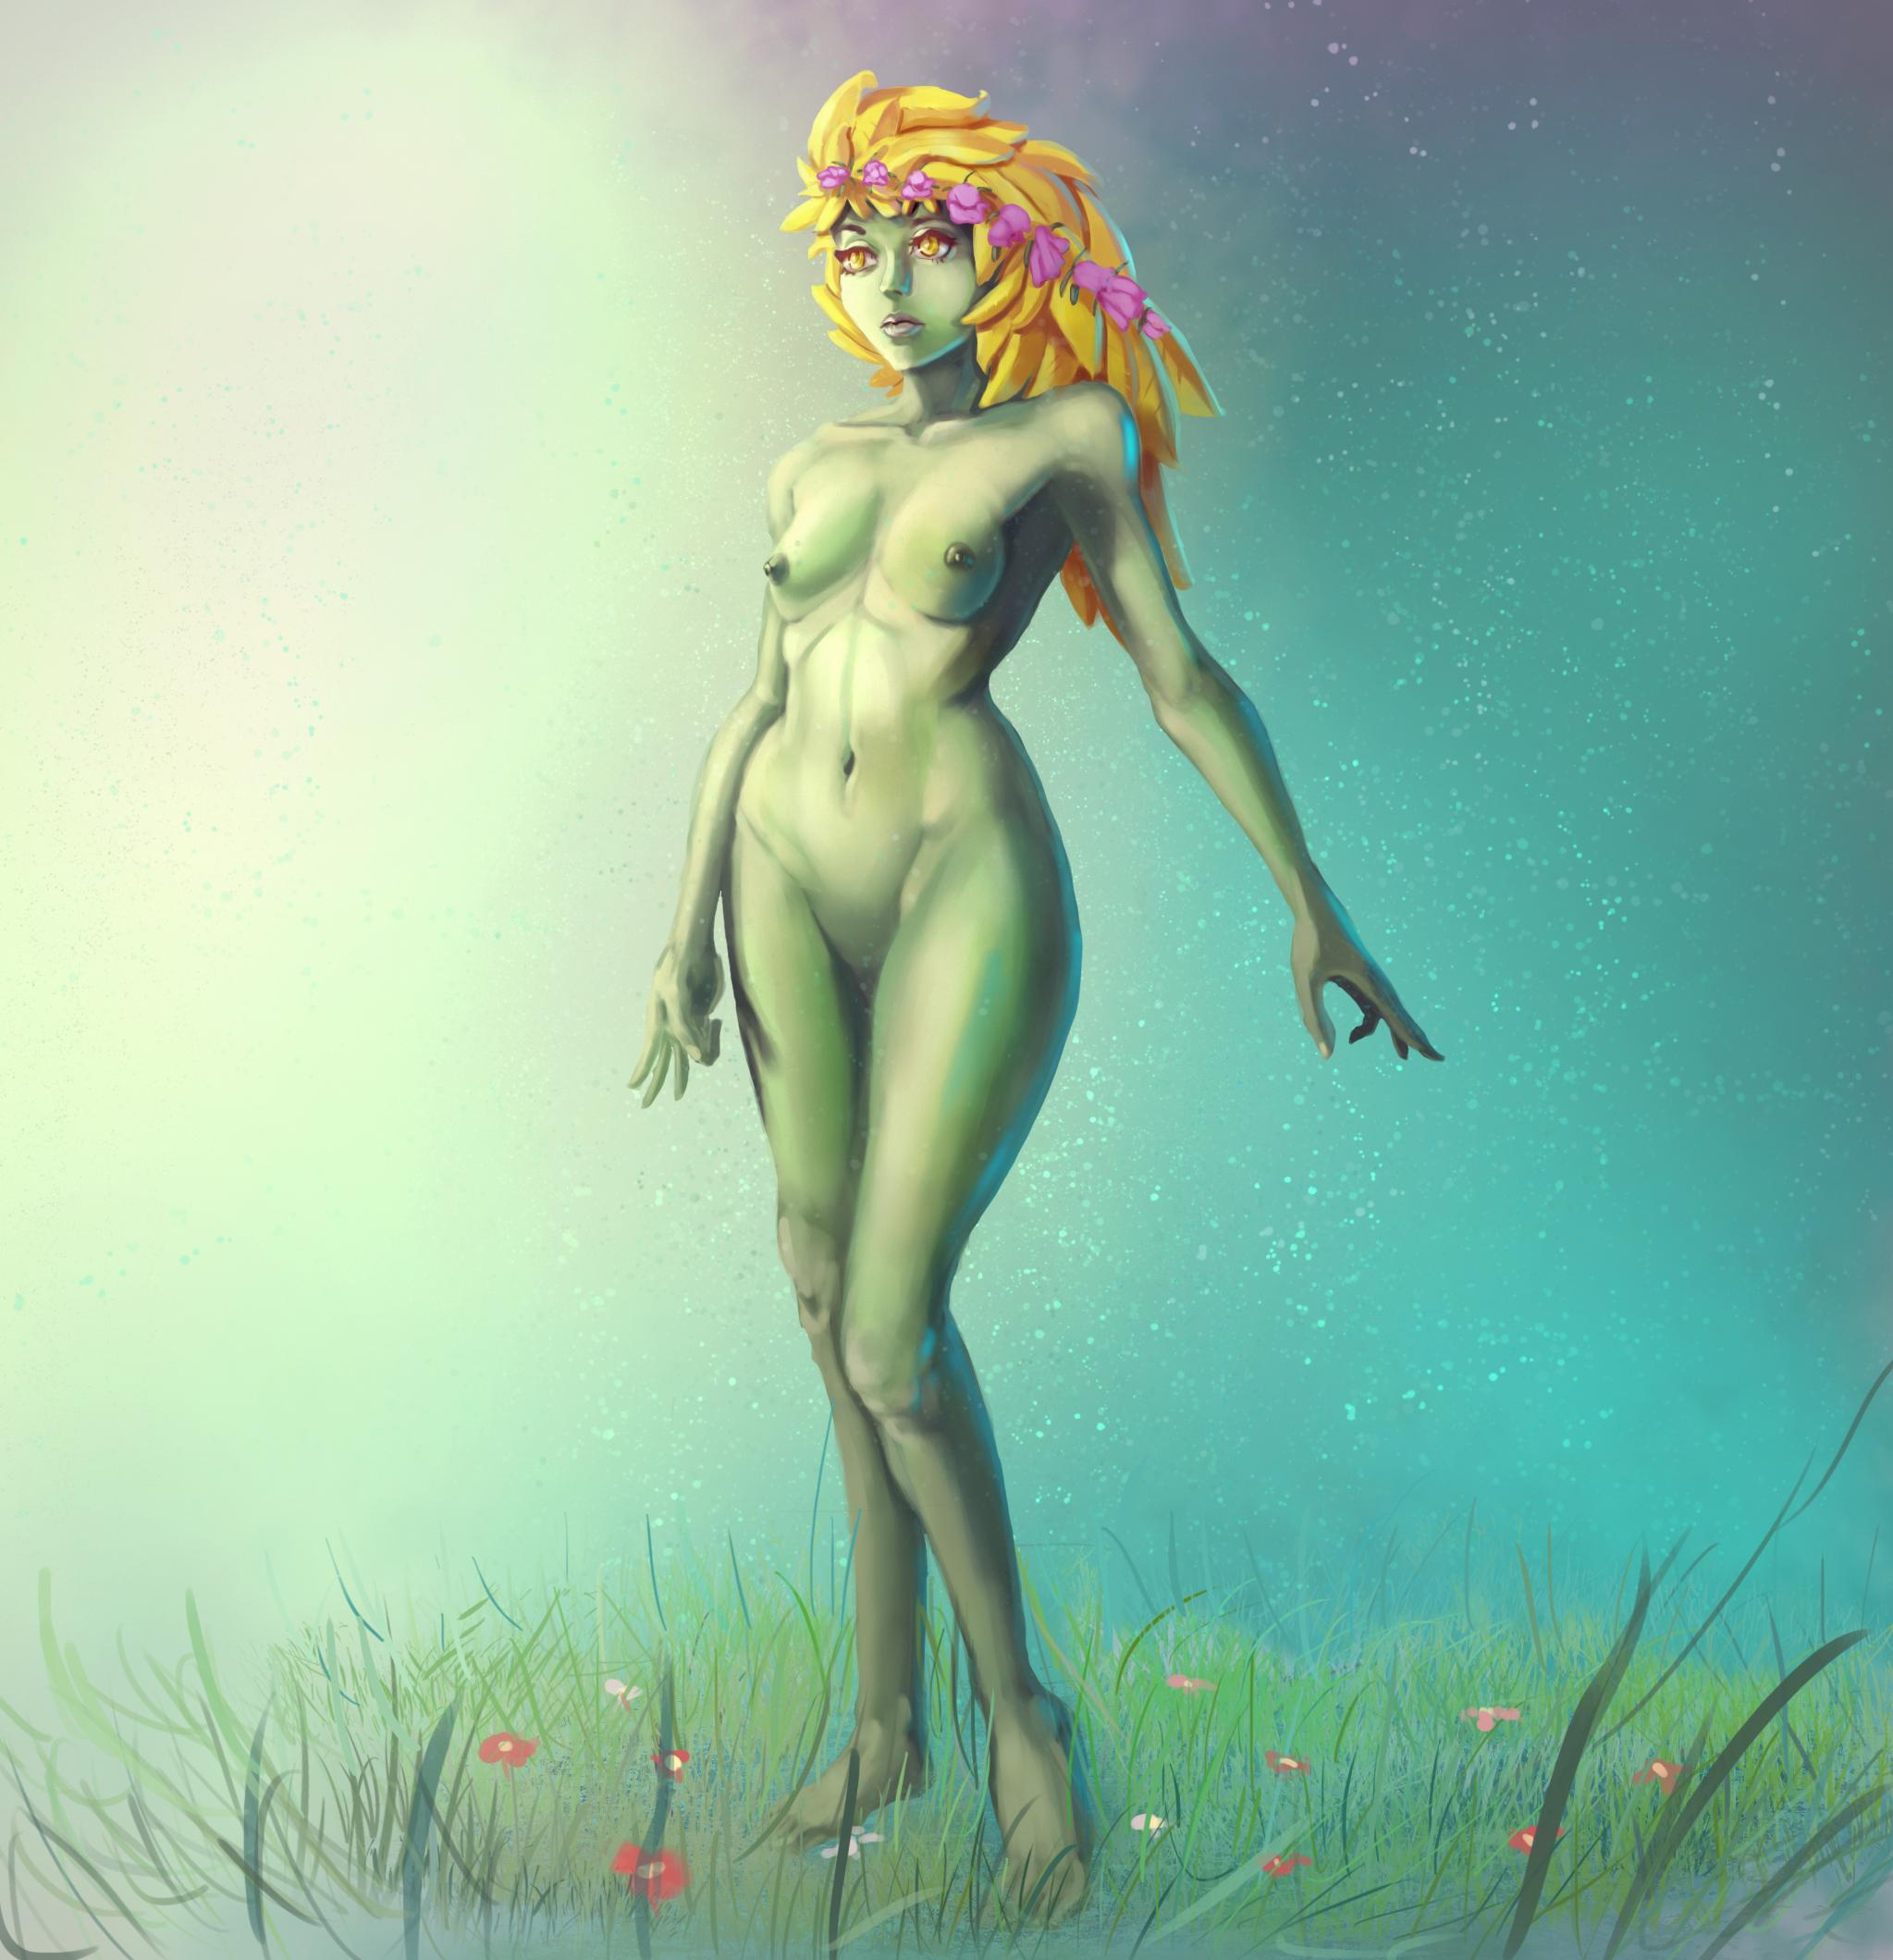 Nude cartoon dryad exposed scene